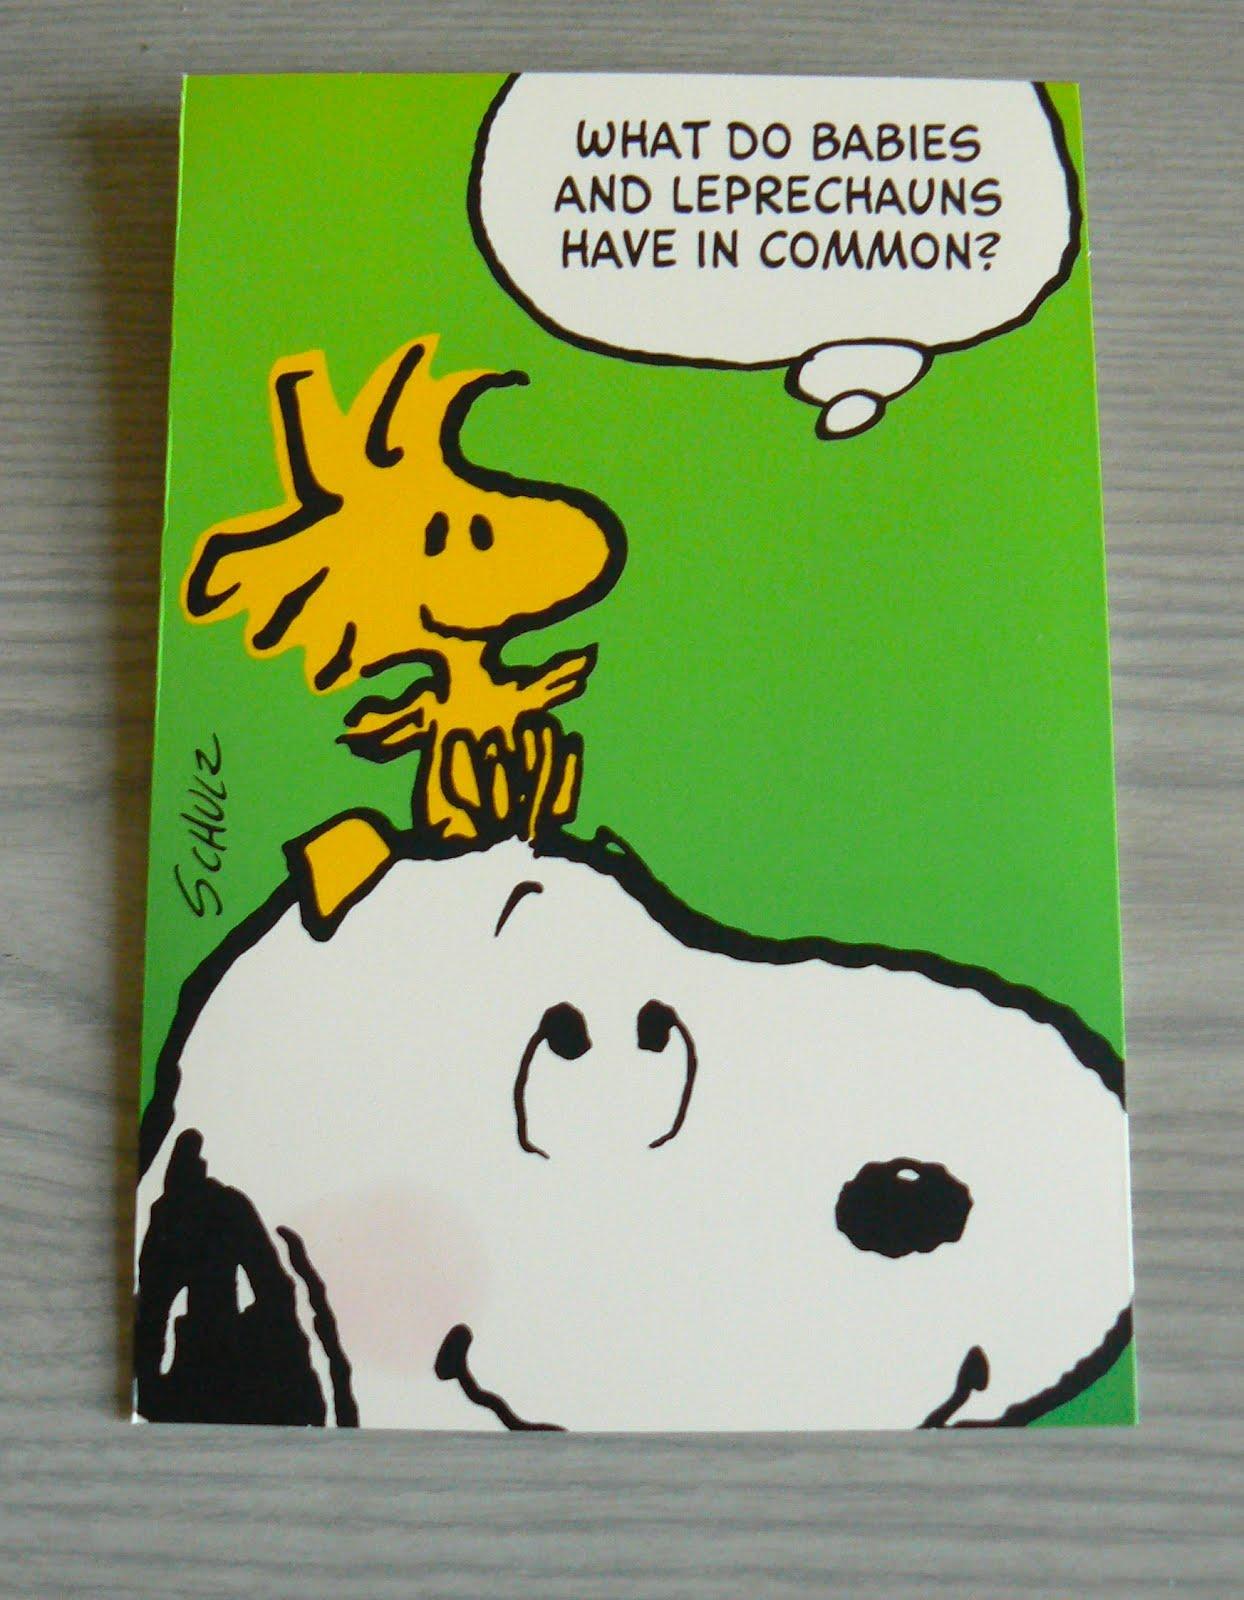 Peanuts St Patricks Day Wallpaper Peanuts to st patrick 1244x1600